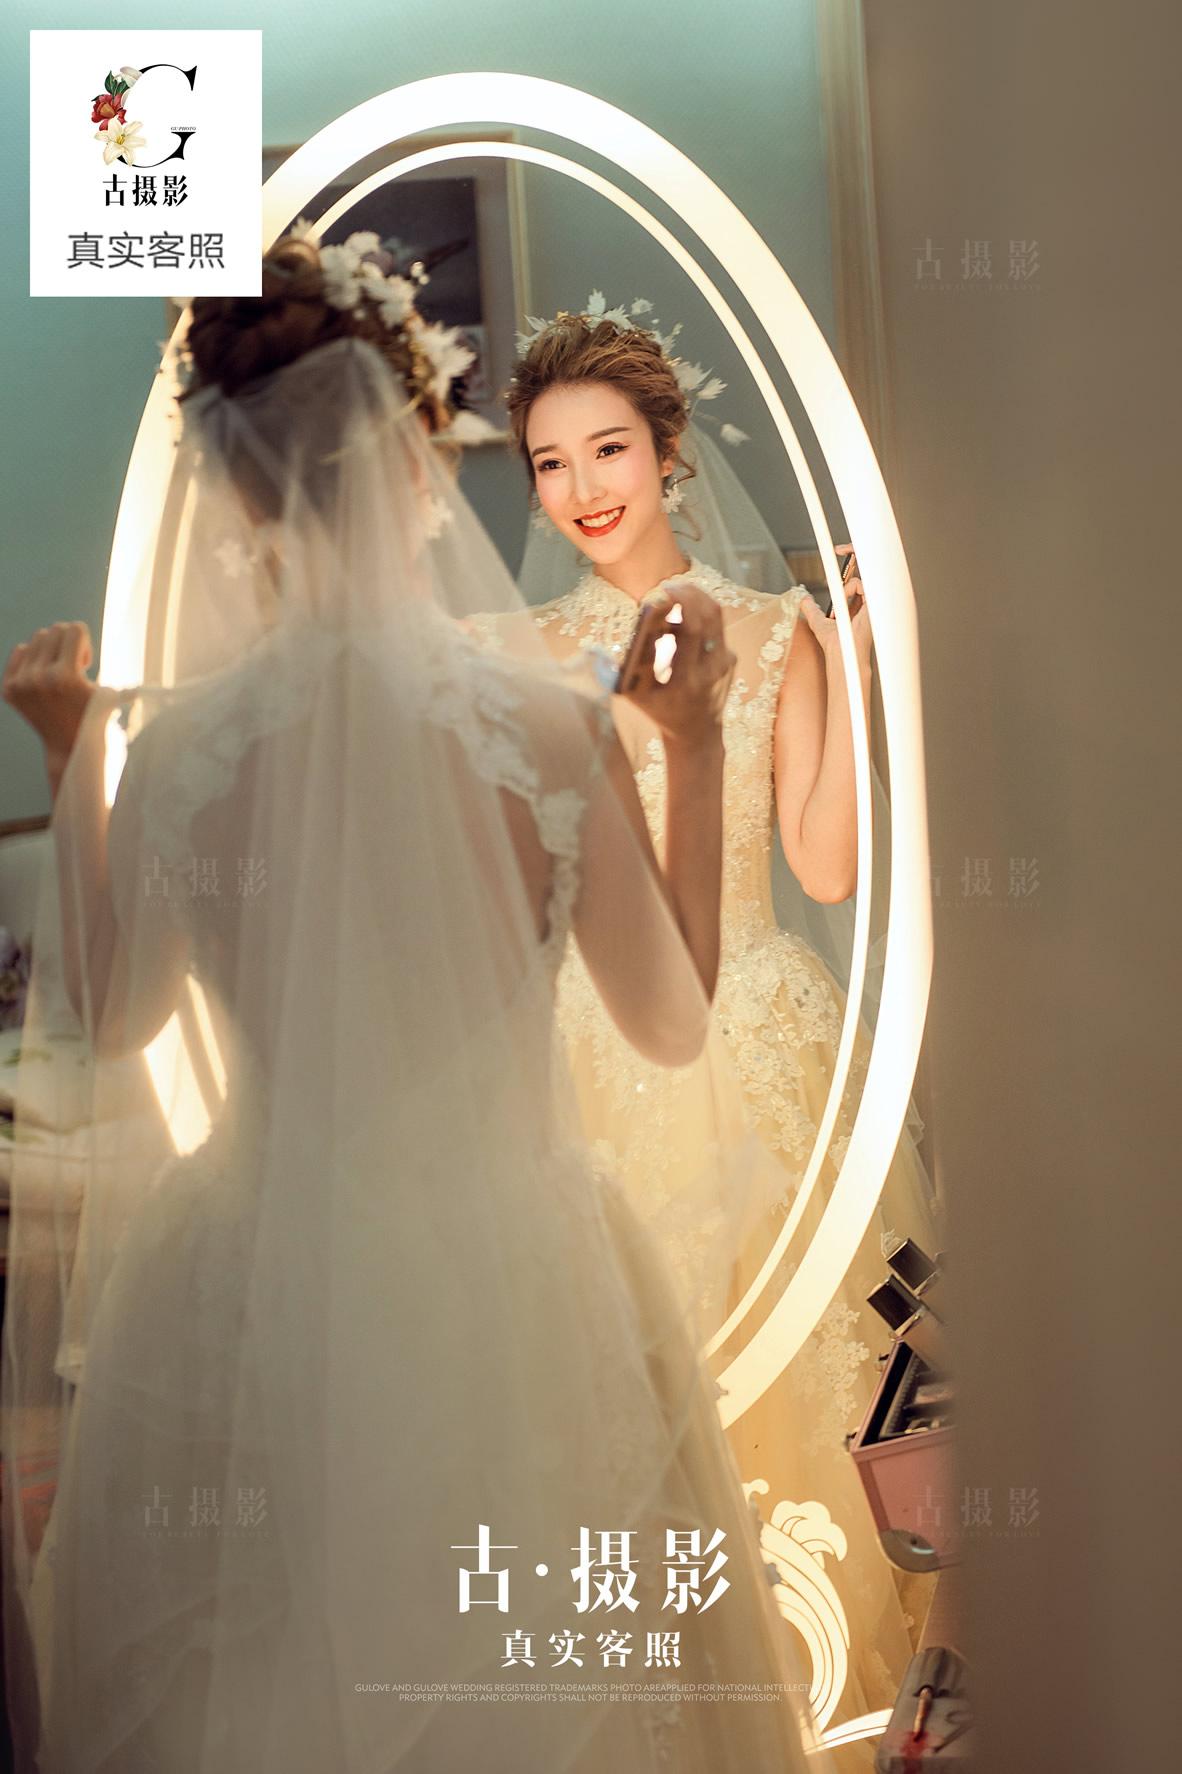 4月2日客片李先生 曾小姐 - 每日客照 - 古摄影婚纱艺术-古摄影成都婚纱摄影艺术摄影网